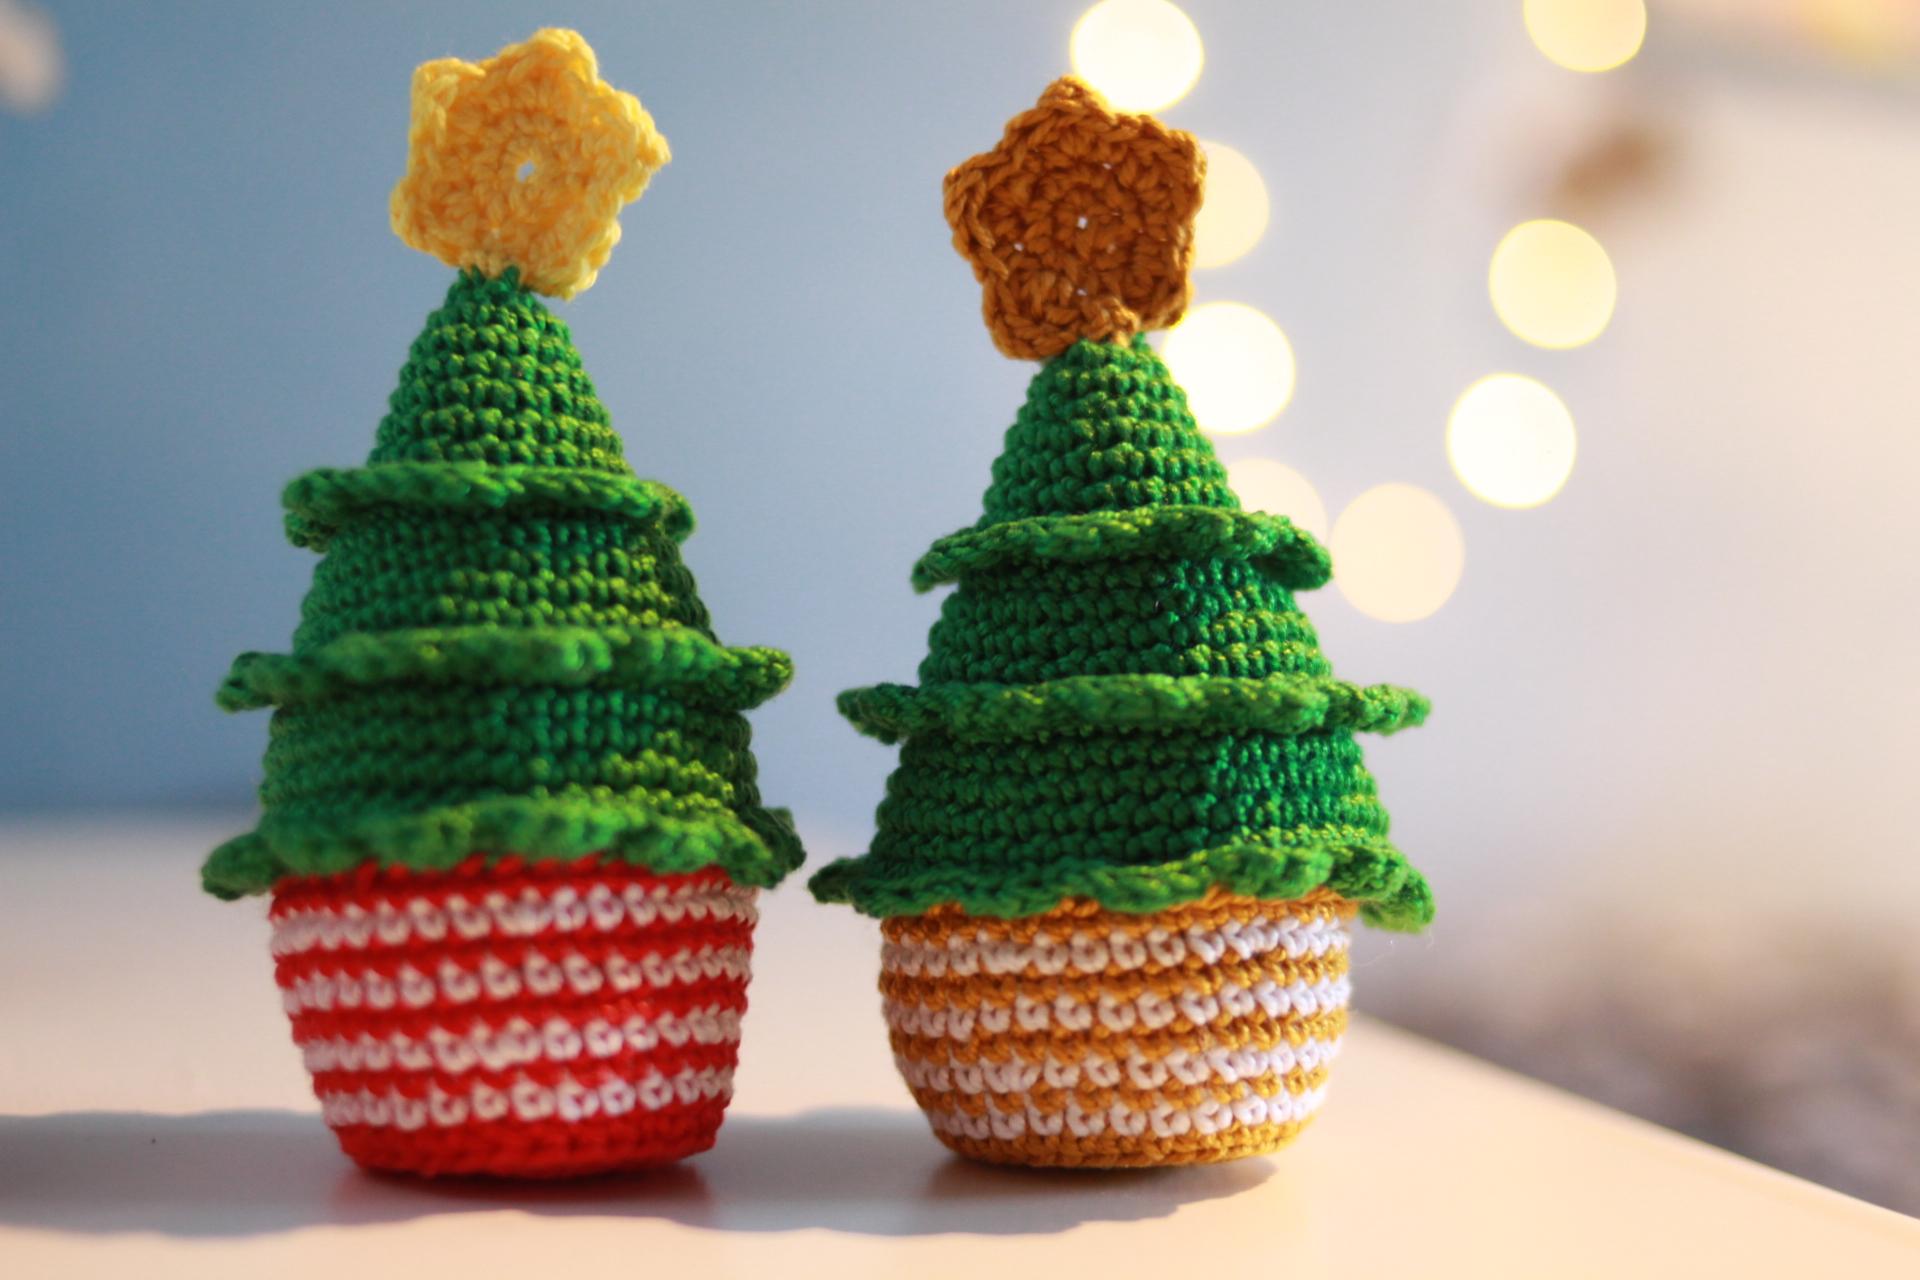 Albero Di Natale Uncinetto Esecuzione.Albero Di Natale Con Vaso Schema Gratis Amigrumi Uncinetto Crochet